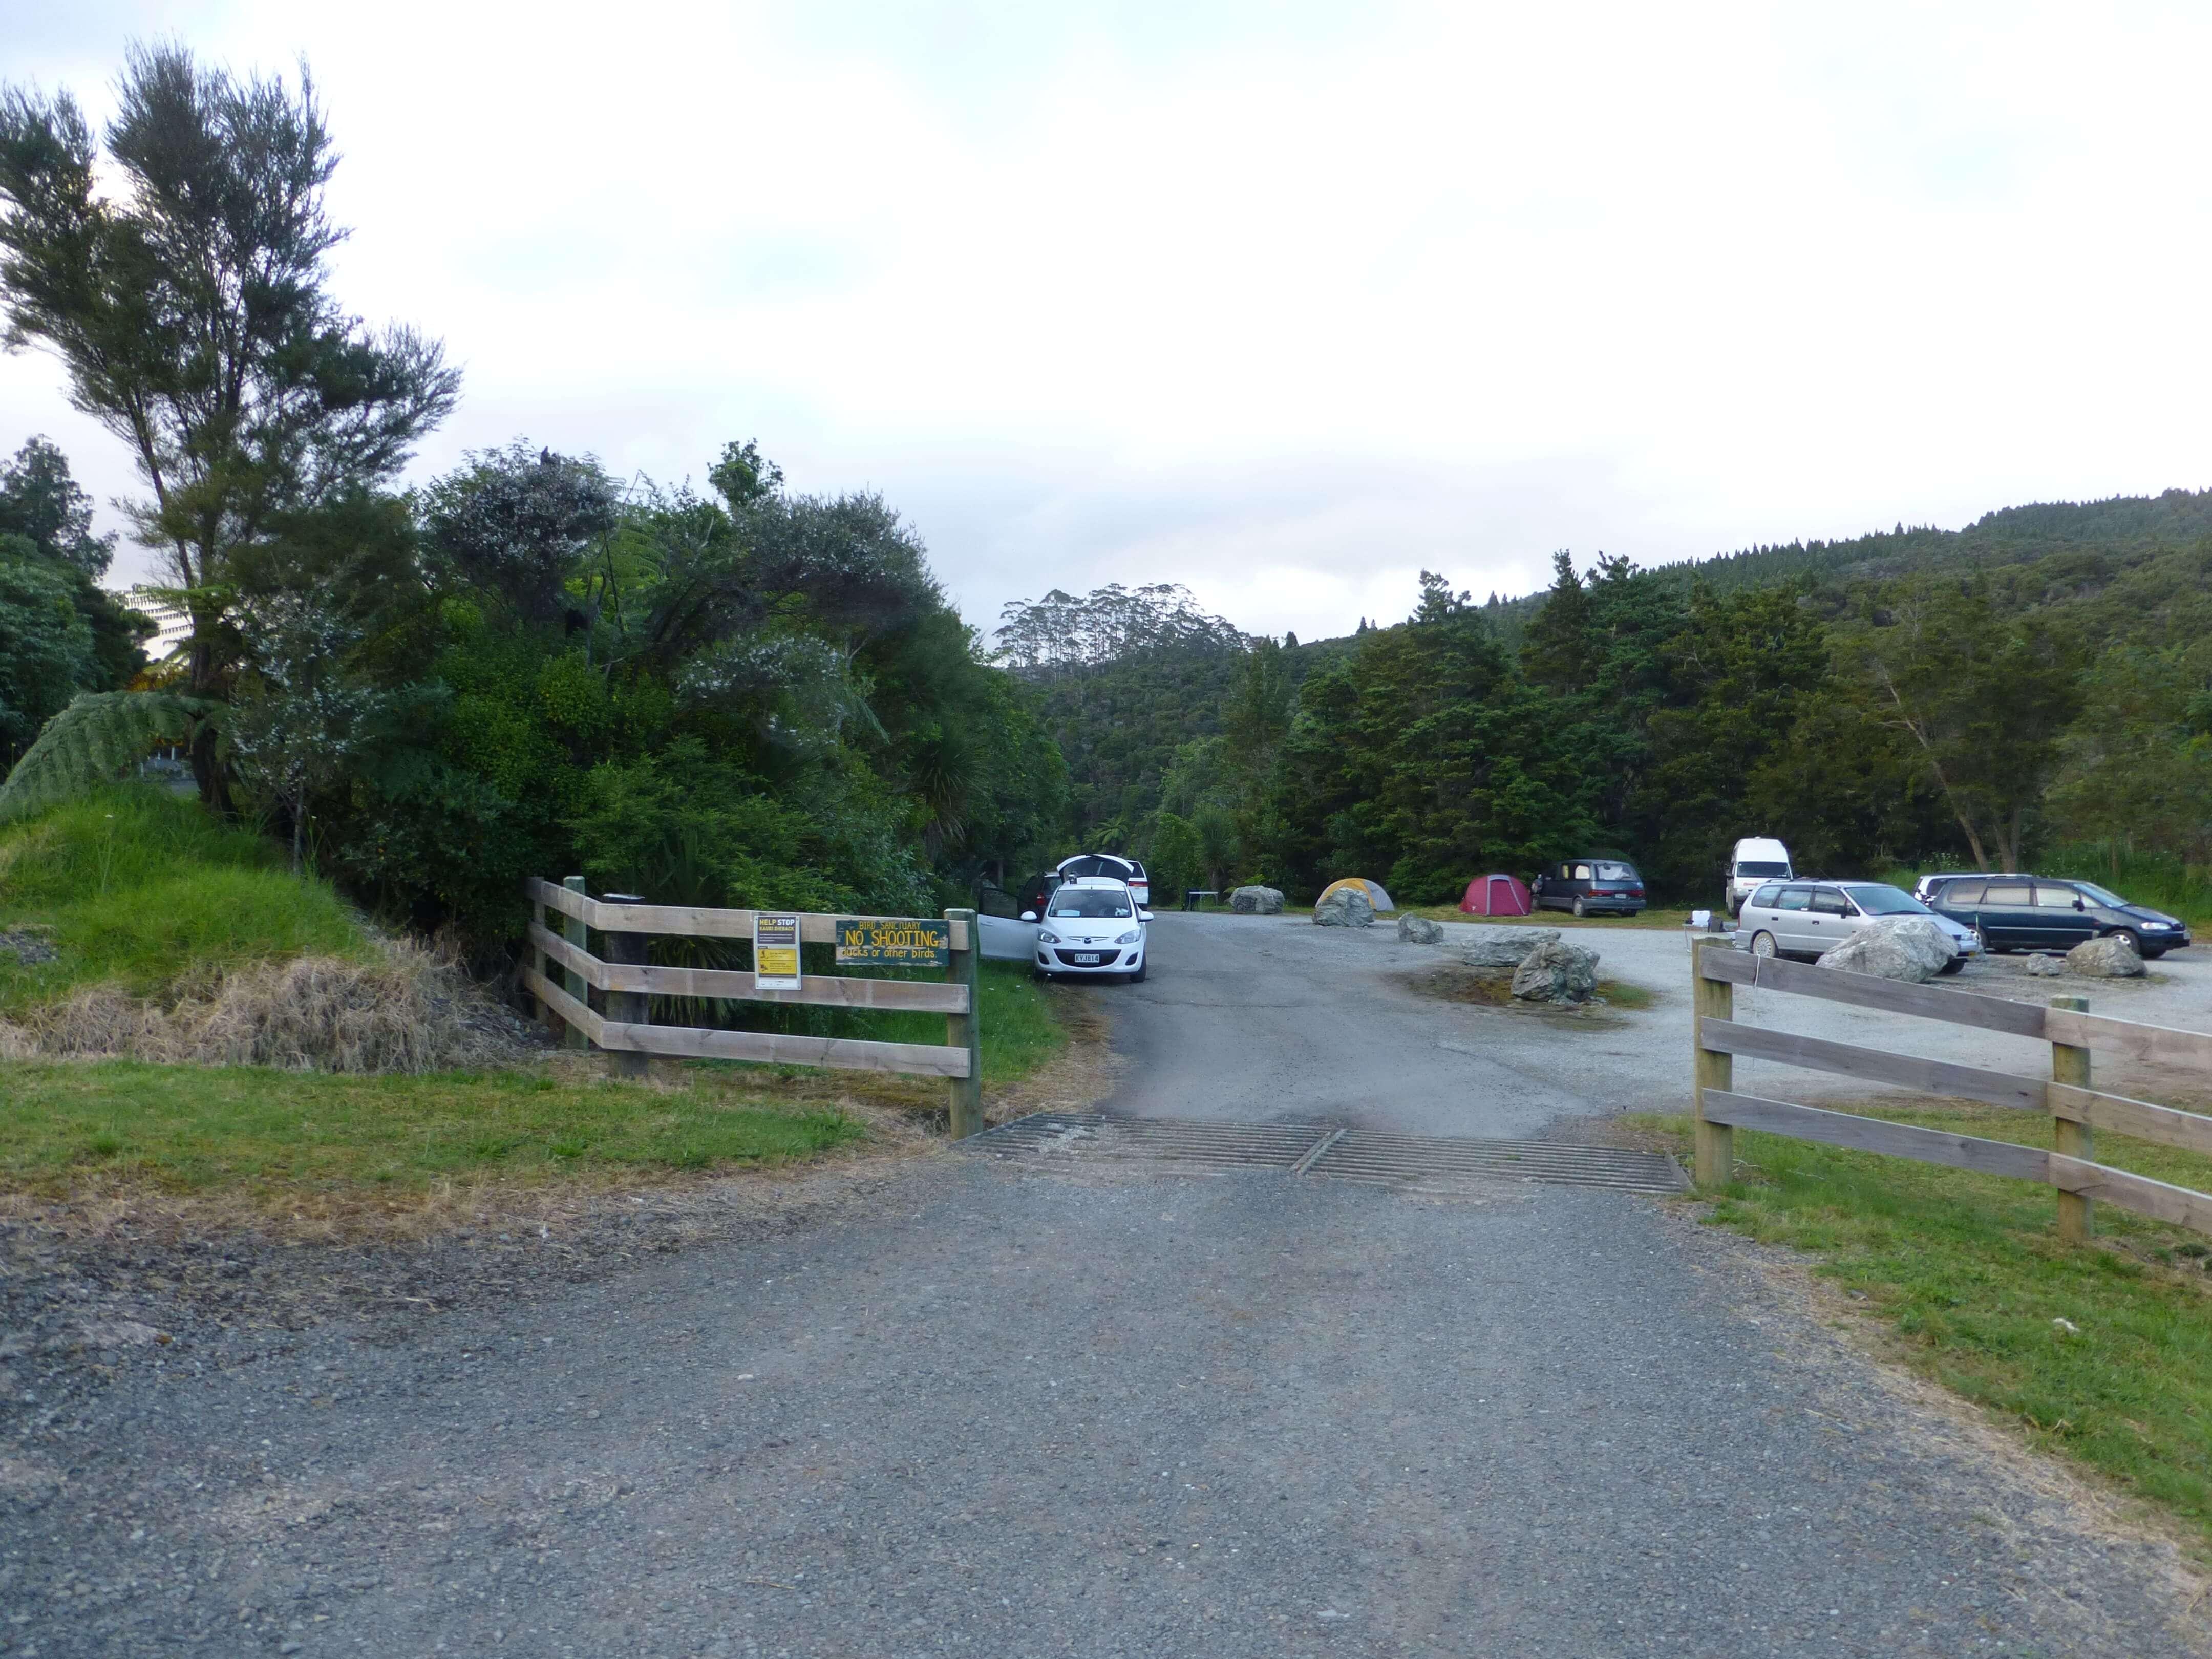 Weit weg reisen, Campingplatz Raetea North Side 2